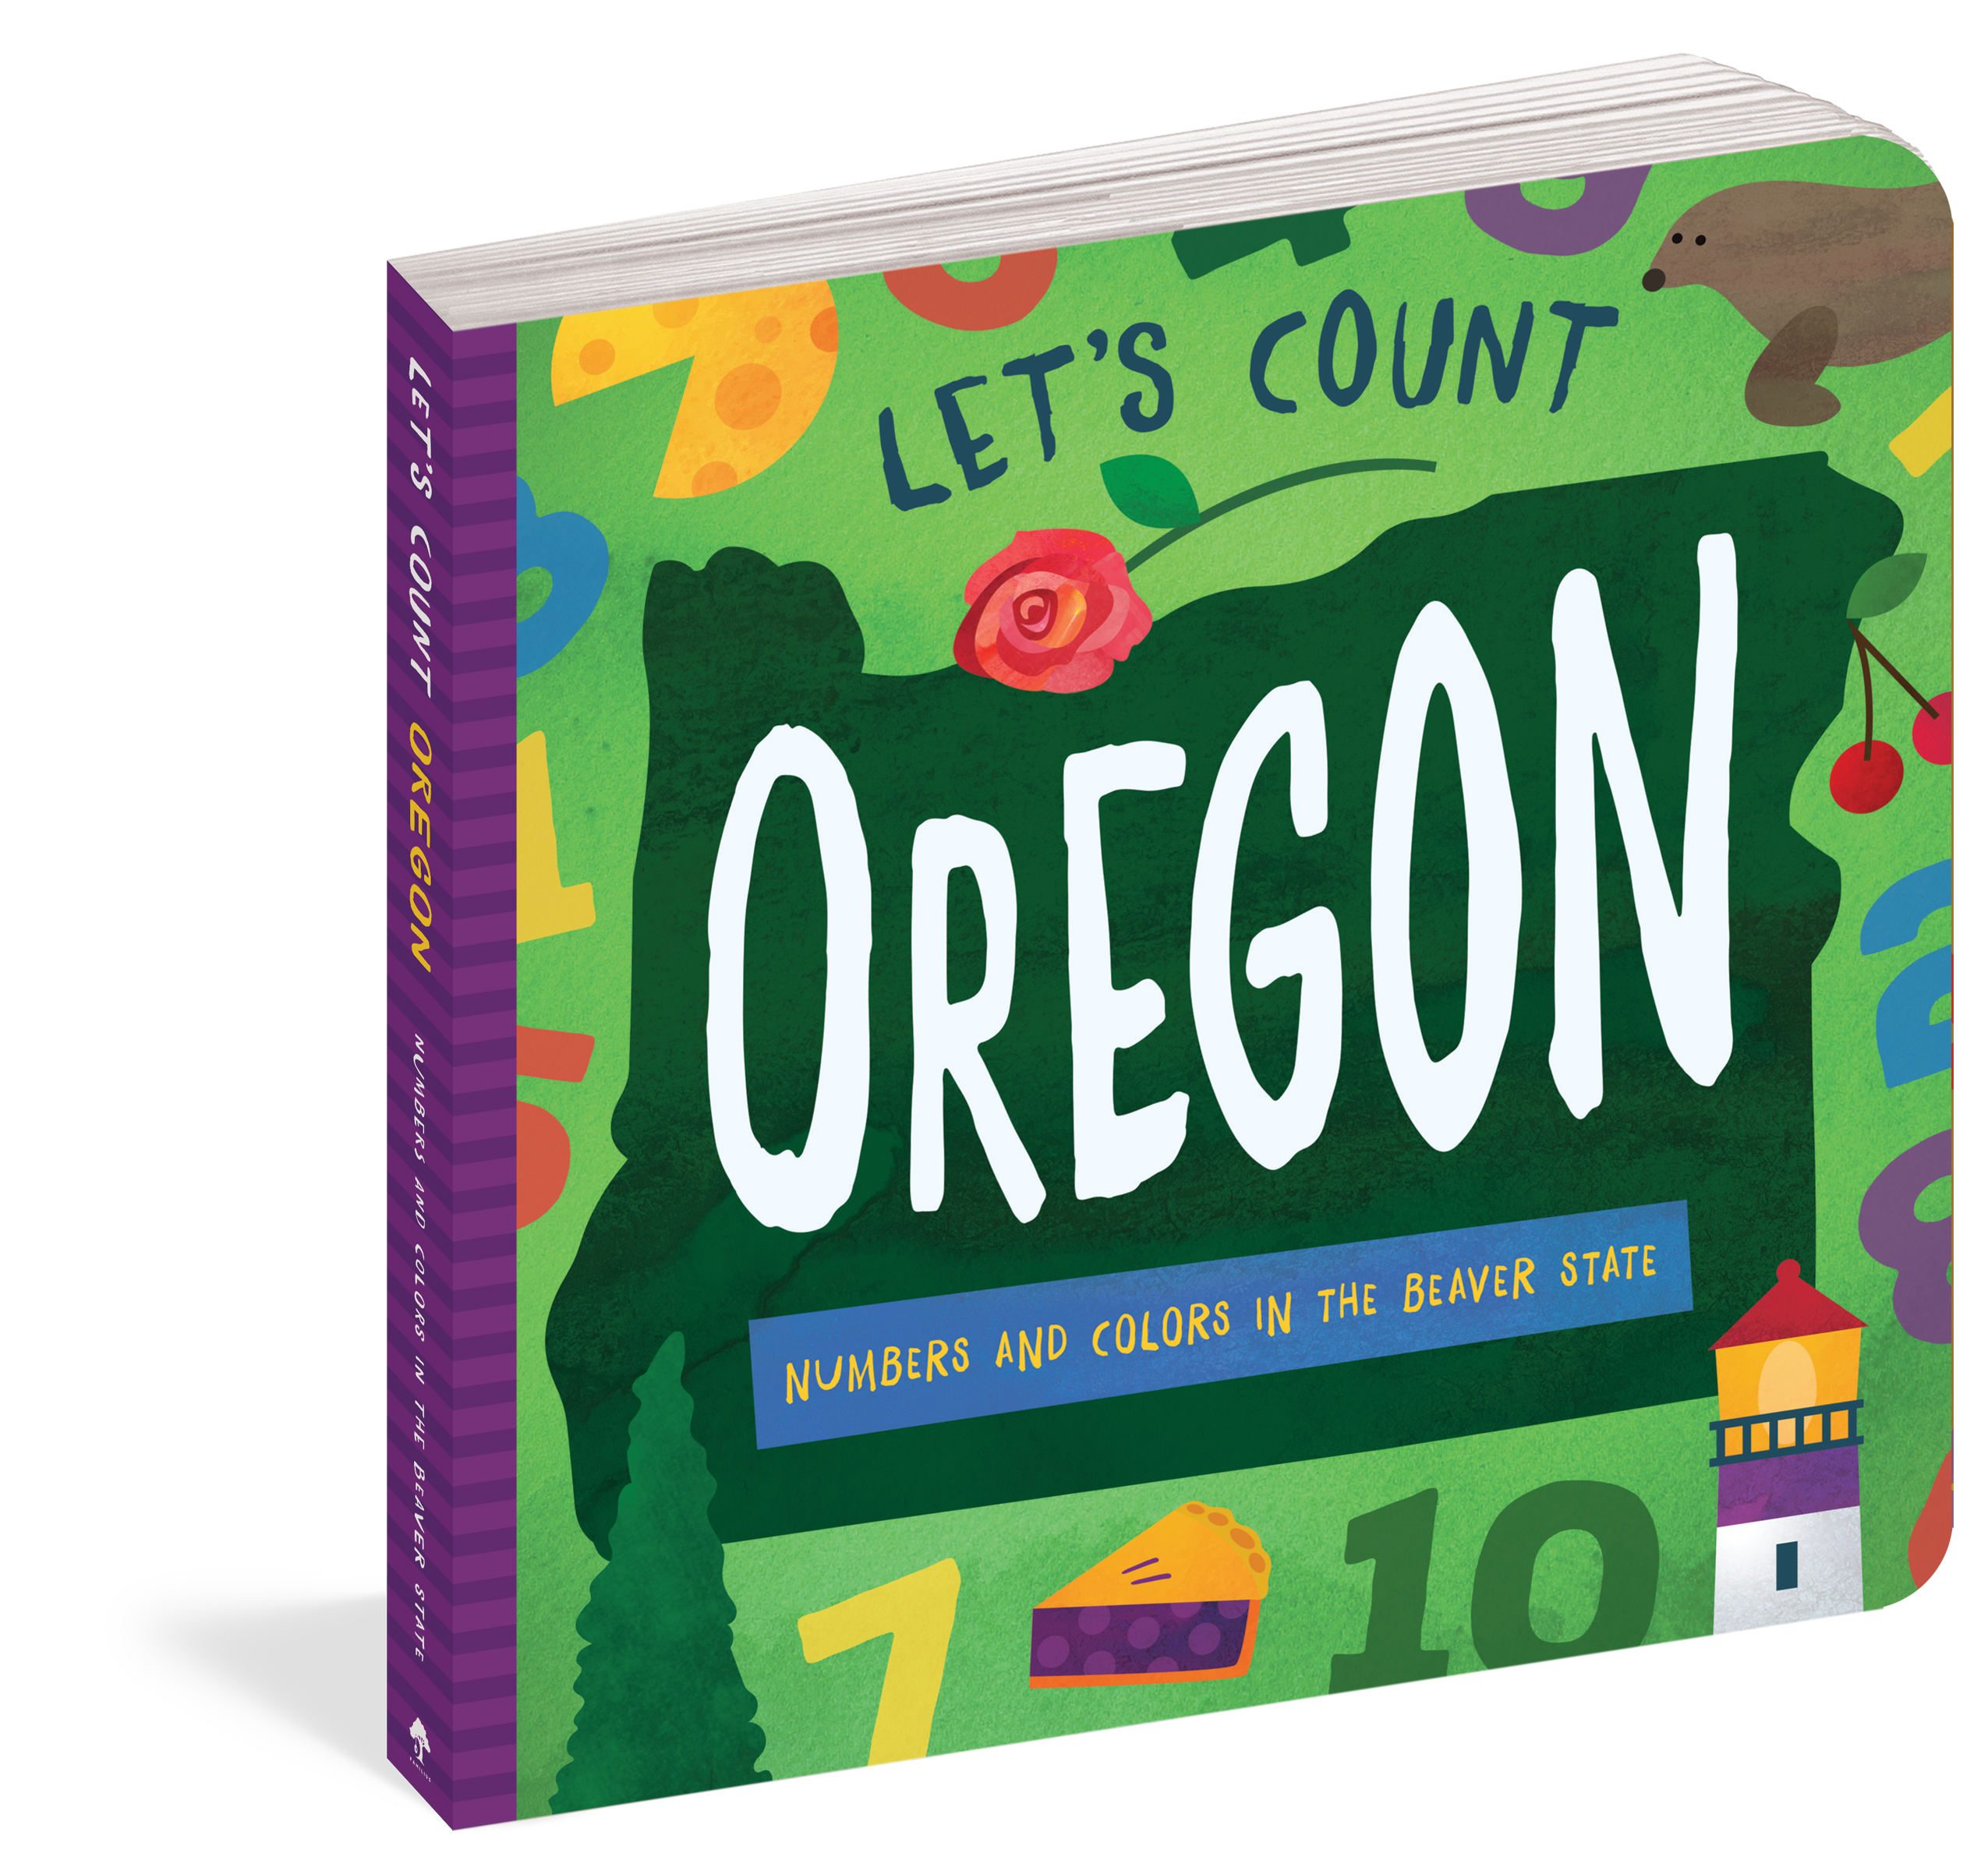 Let's Count Oregon - Workman Publishing